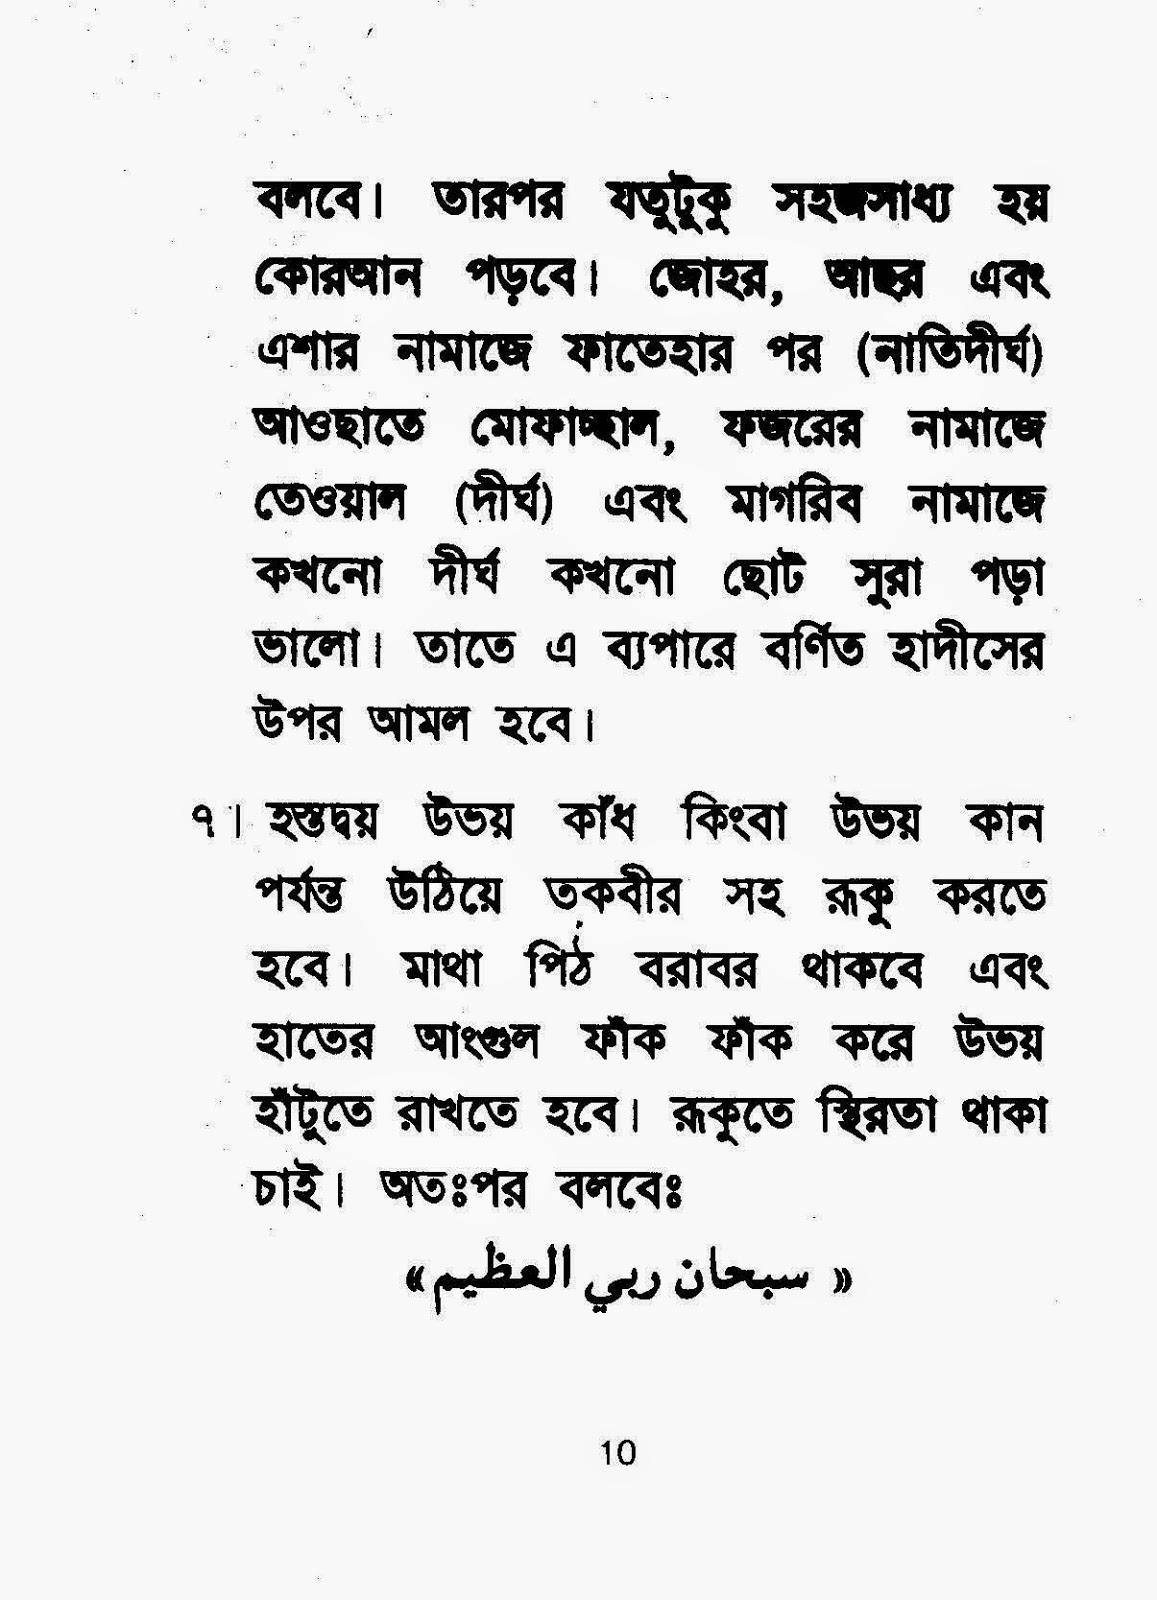 The description of the prophet prayer second version